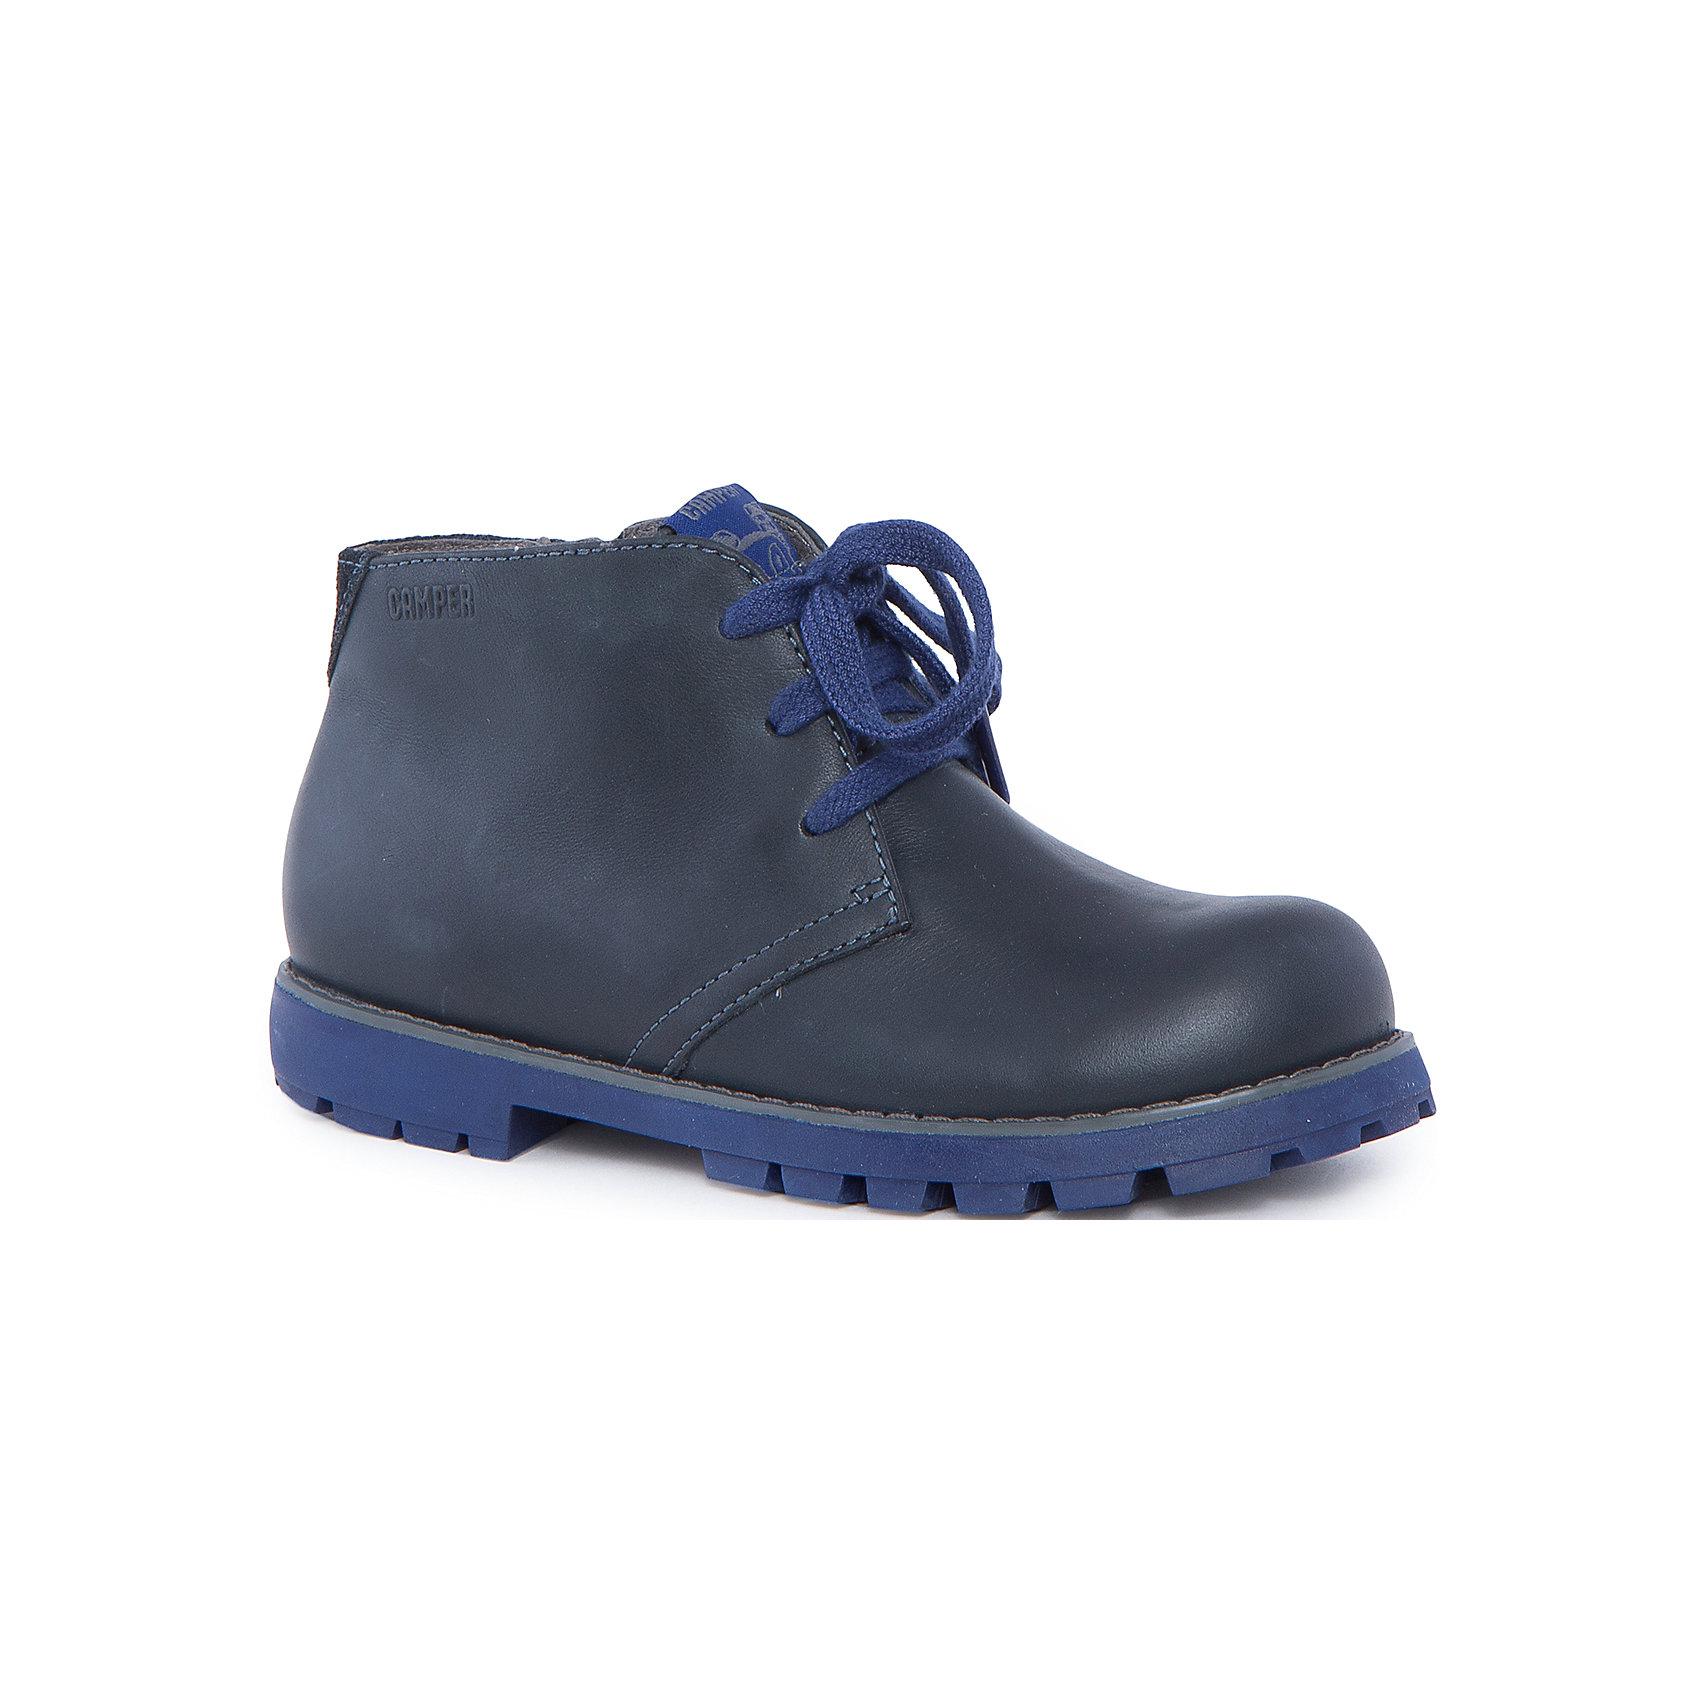 Ботинки для мальчика CamperБотинки<br>Характеристики:<br><br>• Предназначение: повседневная обувь<br>• Сезон: демисезонные<br>• Пол: для мальчика<br>• Цвет: синий, серый<br>• Материал верха и стельки: натуральная кожа<br>• Материал подошвы: резина<br>• Тип каблука и подошвы: каблук венский, рифленая подошва<br>• Тип застежки: шнурки, замок-молния боковая<br>• Уход: удаление загрязнений мягкой тканью<br><br>Ботинки для мальчика Camper изготовлены испанским торговым брендом, специализирующимся на производстве обуви премиум-класса. Детская обувь Camper учитывает анатомические особенности детской растущей ноги, поэтому она изготавливается исключительно из натуральной кожи. Ботинки выполнены из гладкой кожи, все элементы верха прошиты, имеется ортопедическая стелька. Эта модель ботинок выполнена с повышенными влагостойкими и антискользящими свойствами. Ботинки выполнены в дизайне детской линии от Camper – Compas, которая отличается классическим стилем и яркими атрибутами, высокой прочностью, износостойкостью и при этом легким весом и гибкостью. <br><br>Ботинки для мальчика Camper можно купить в нашем интернет-магазине.<br><br>Ширина мм: 262<br>Глубина мм: 176<br>Высота мм: 97<br>Вес г: 427<br>Цвет: серый<br>Возраст от месяцев: 156<br>Возраст до месяцев: 168<br>Пол: Мужской<br>Возраст: Детский<br>Размер: 37,38,36,35,33,31,32,34<br>SKU: 4974943